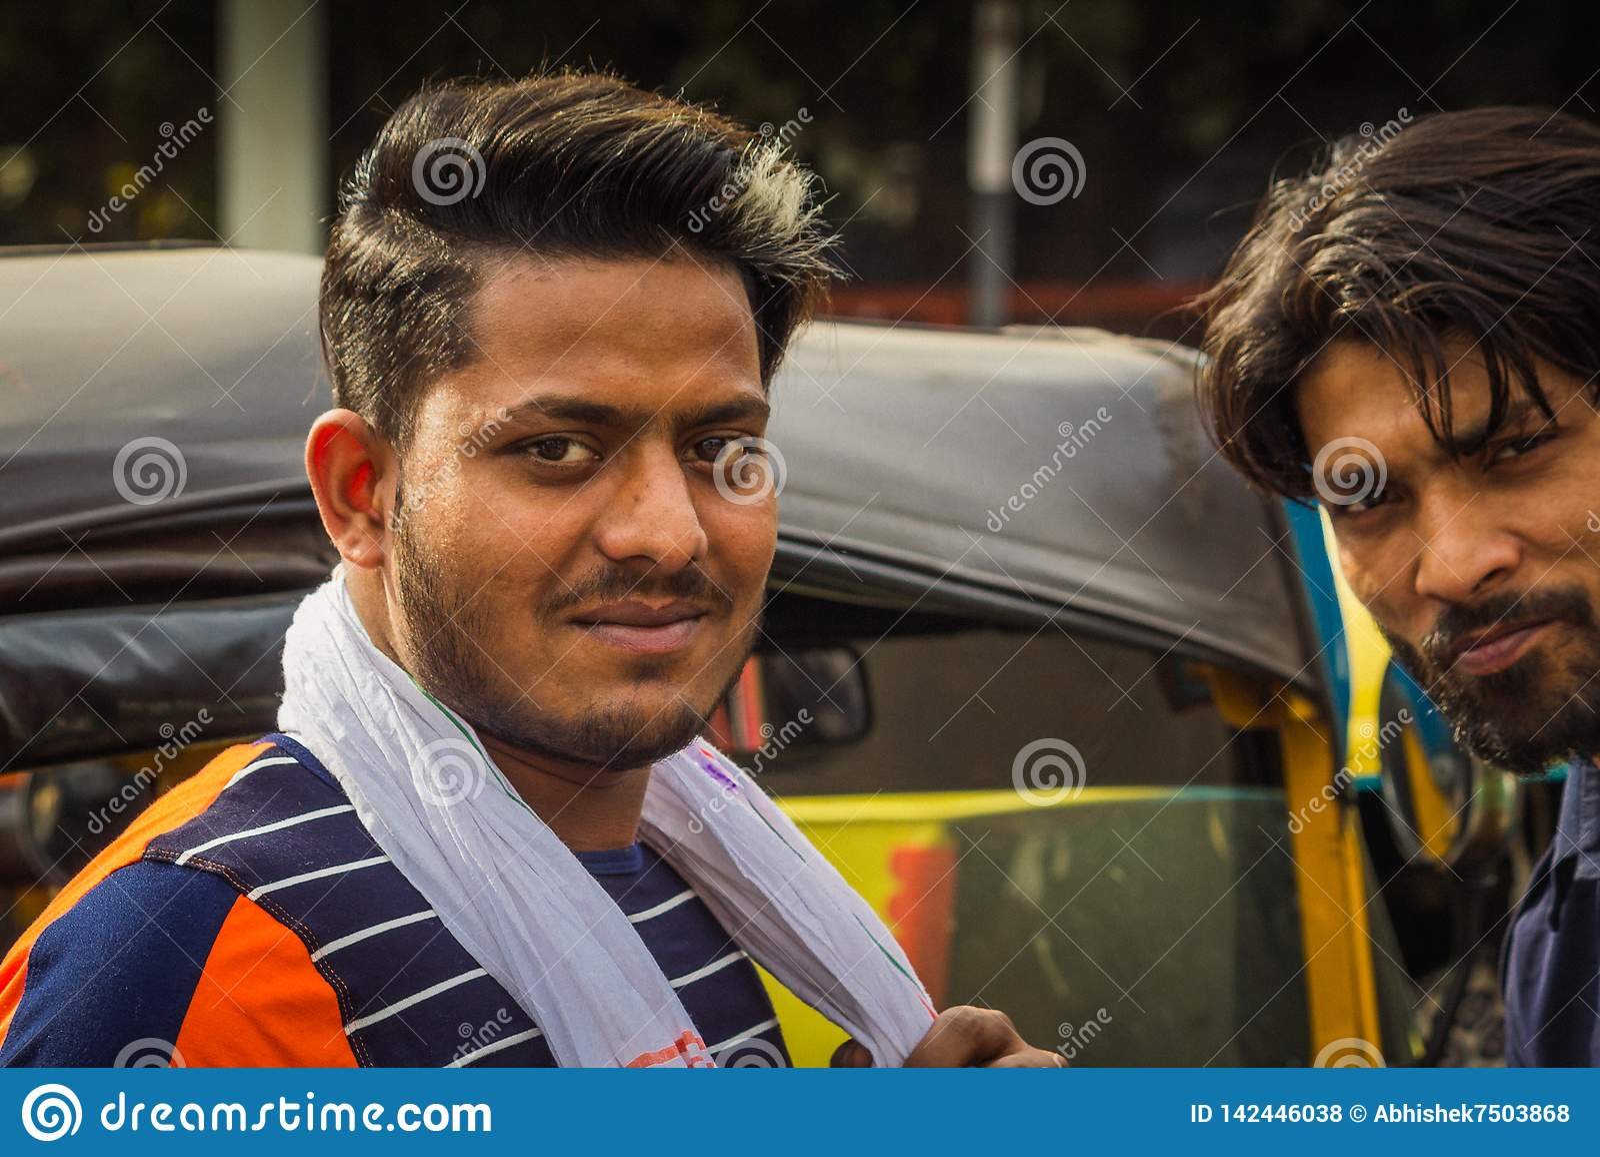 Delhi, India - Maart 19, 2019: Het Indische autotempo van de riksjadriewieler, de mens van de taxibestuurder